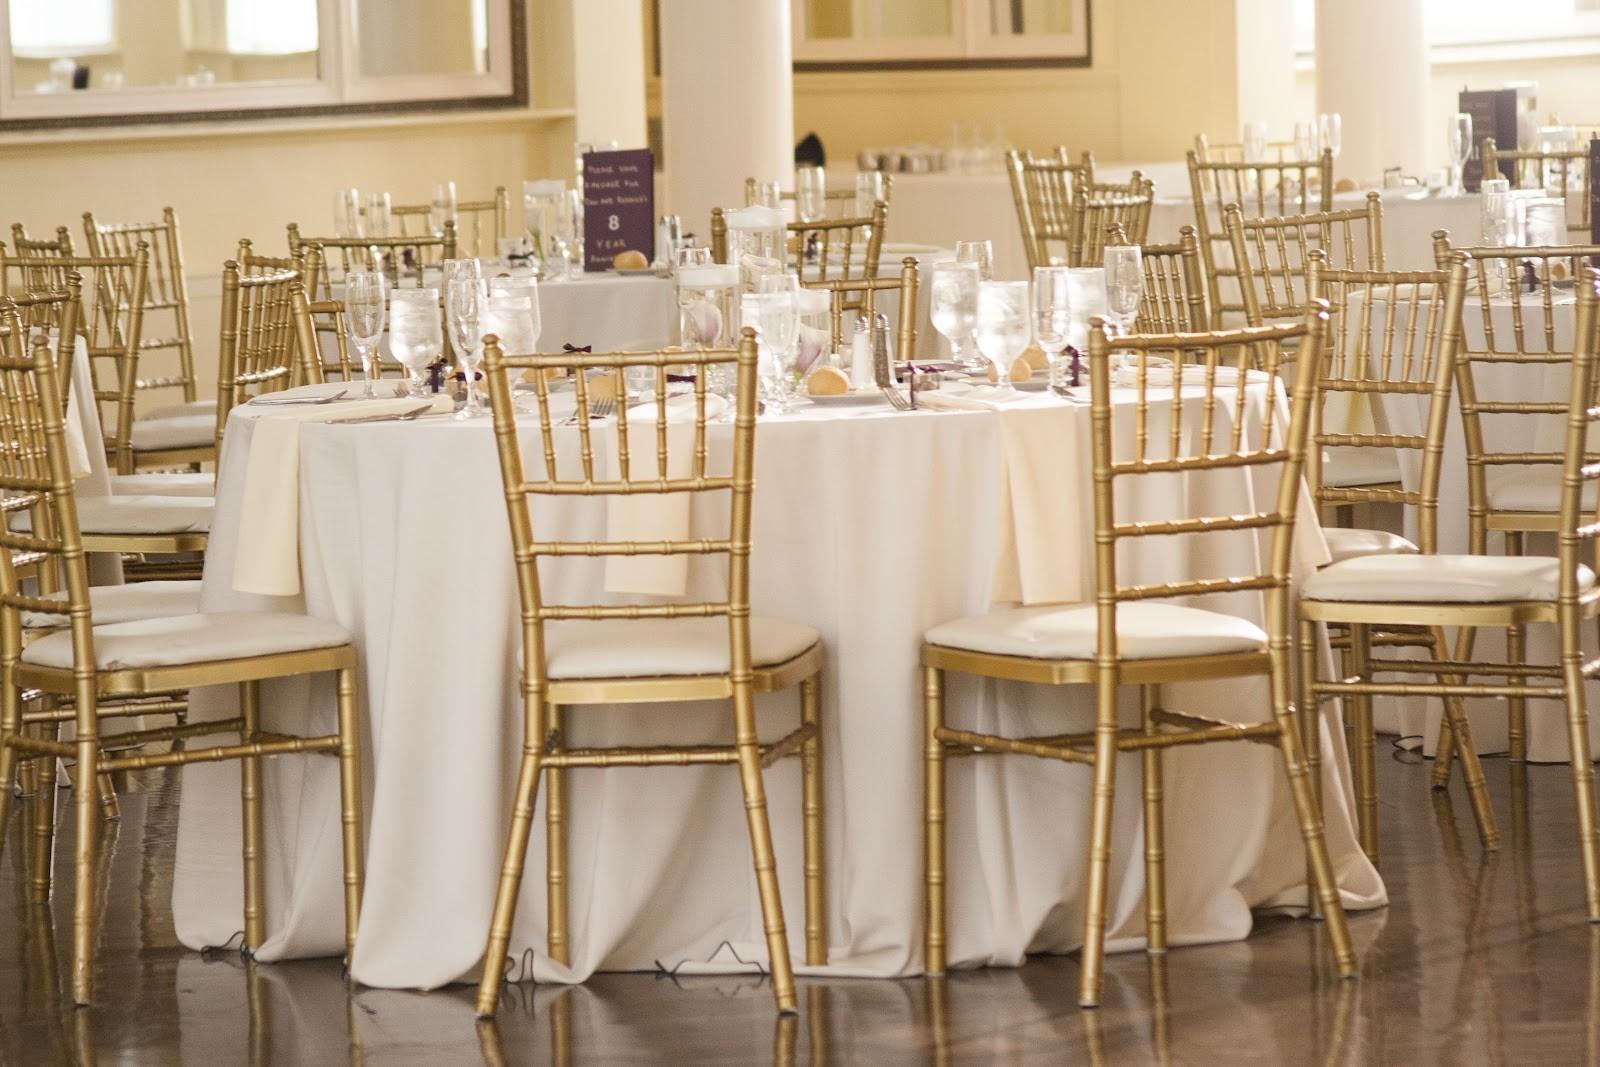 Prezzo basso di buona qualità popolare impilabile da sposa tiffany di legno sedia di chiavari